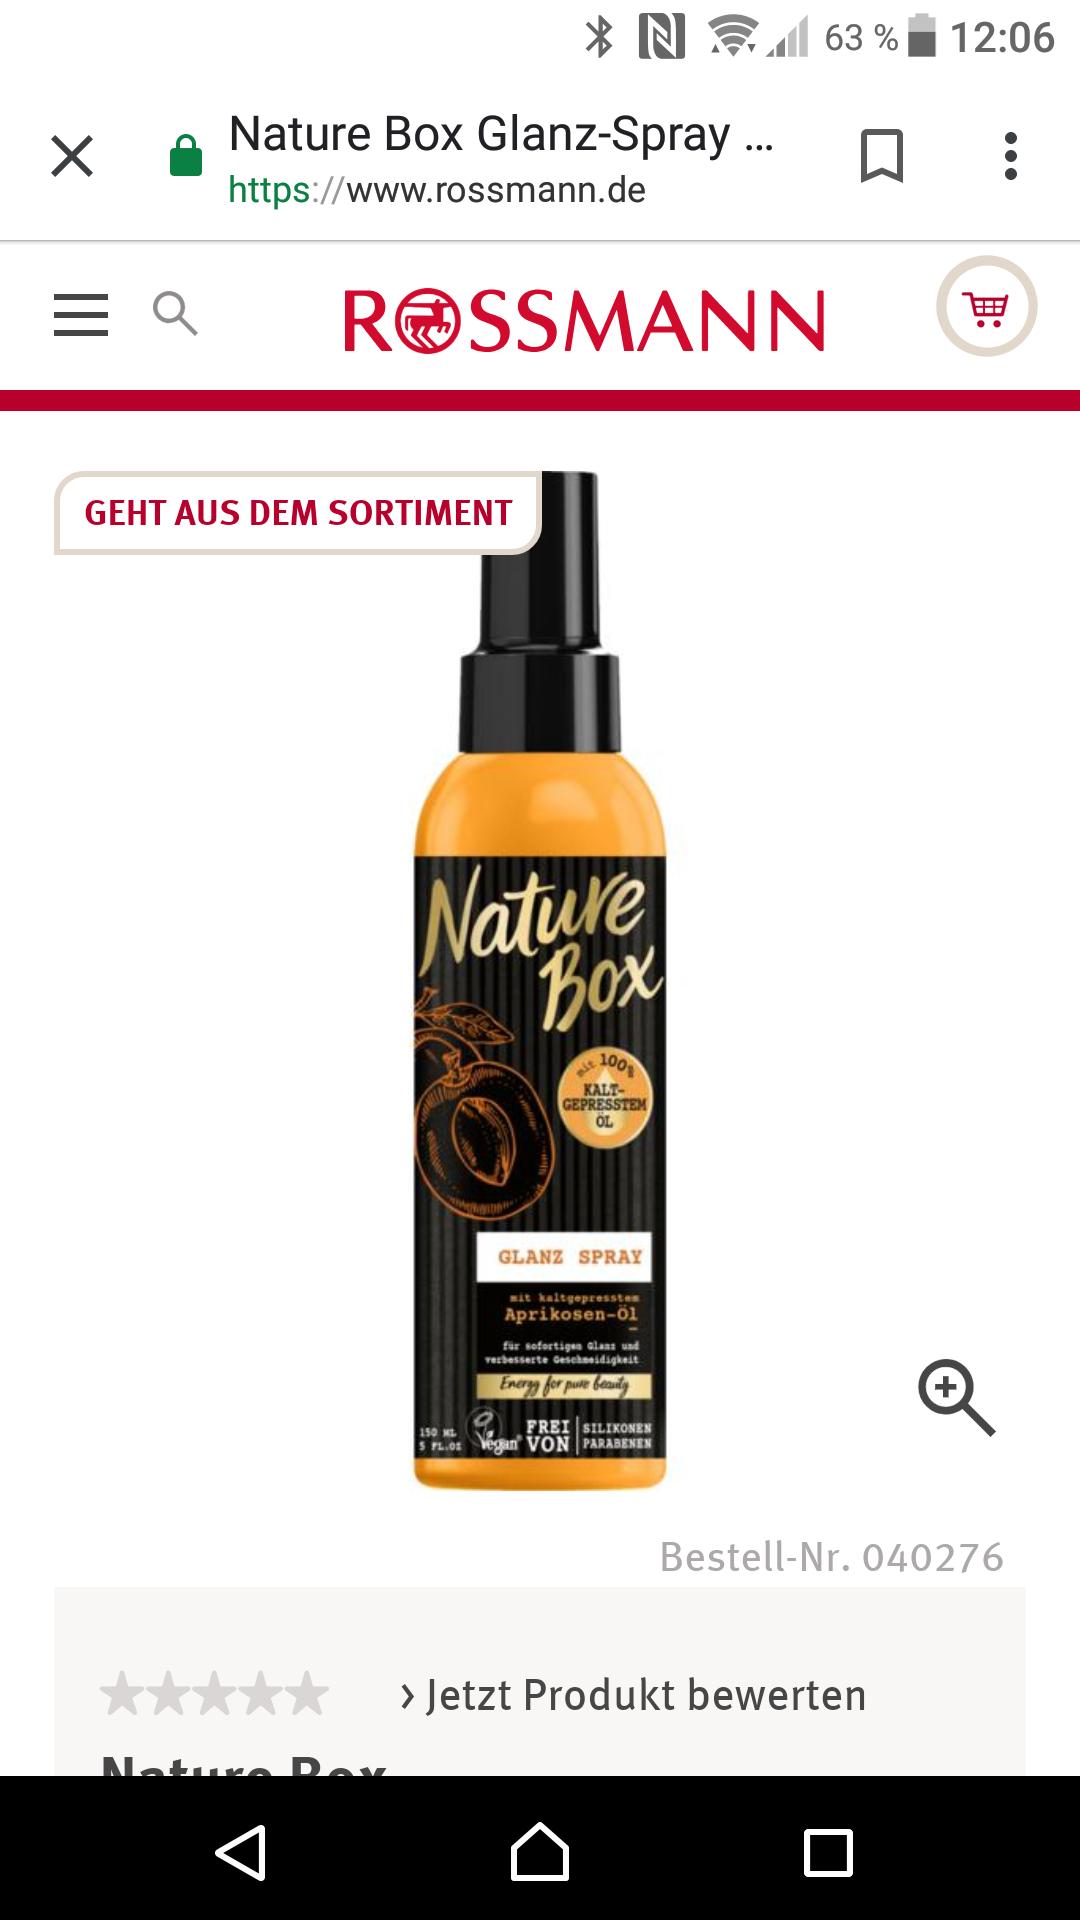 Nature Box Glanz-Spray (und evtl. Andere Kuren) für 1,53 mit Green Label Preis + Coupon + 10% Coupon bei Rossmann